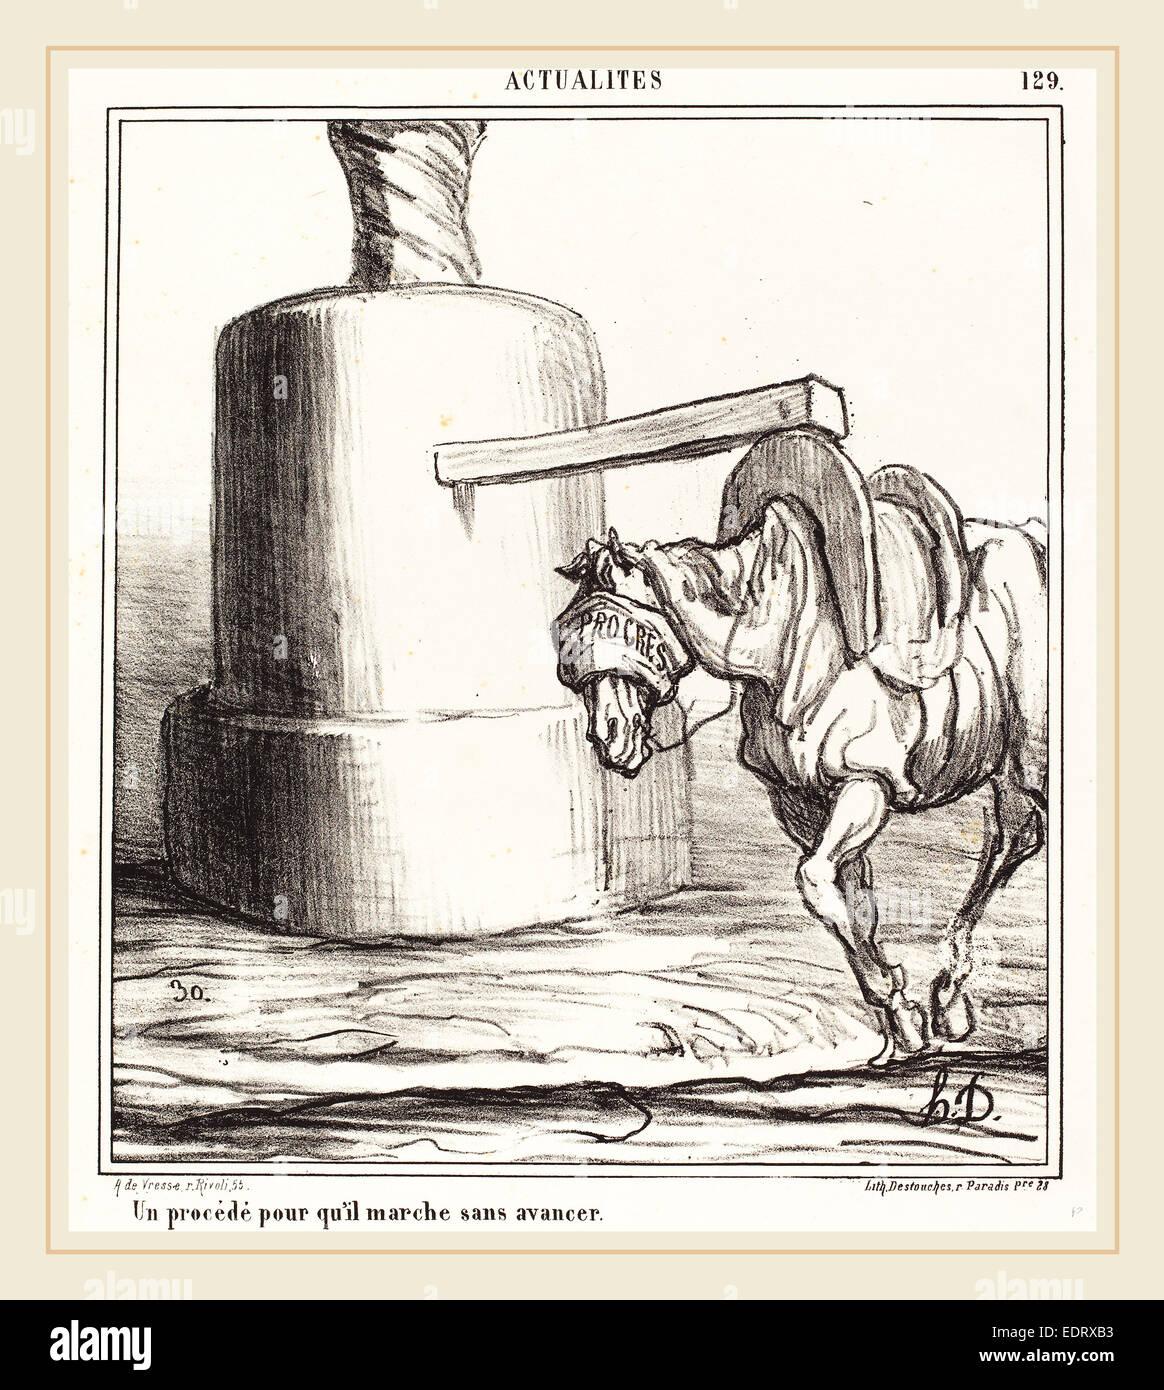 Honoré Daumier (French, 1808-1879), Un procédé pour qu'il marche sans avancer, 1868, lithograph - Stock Image